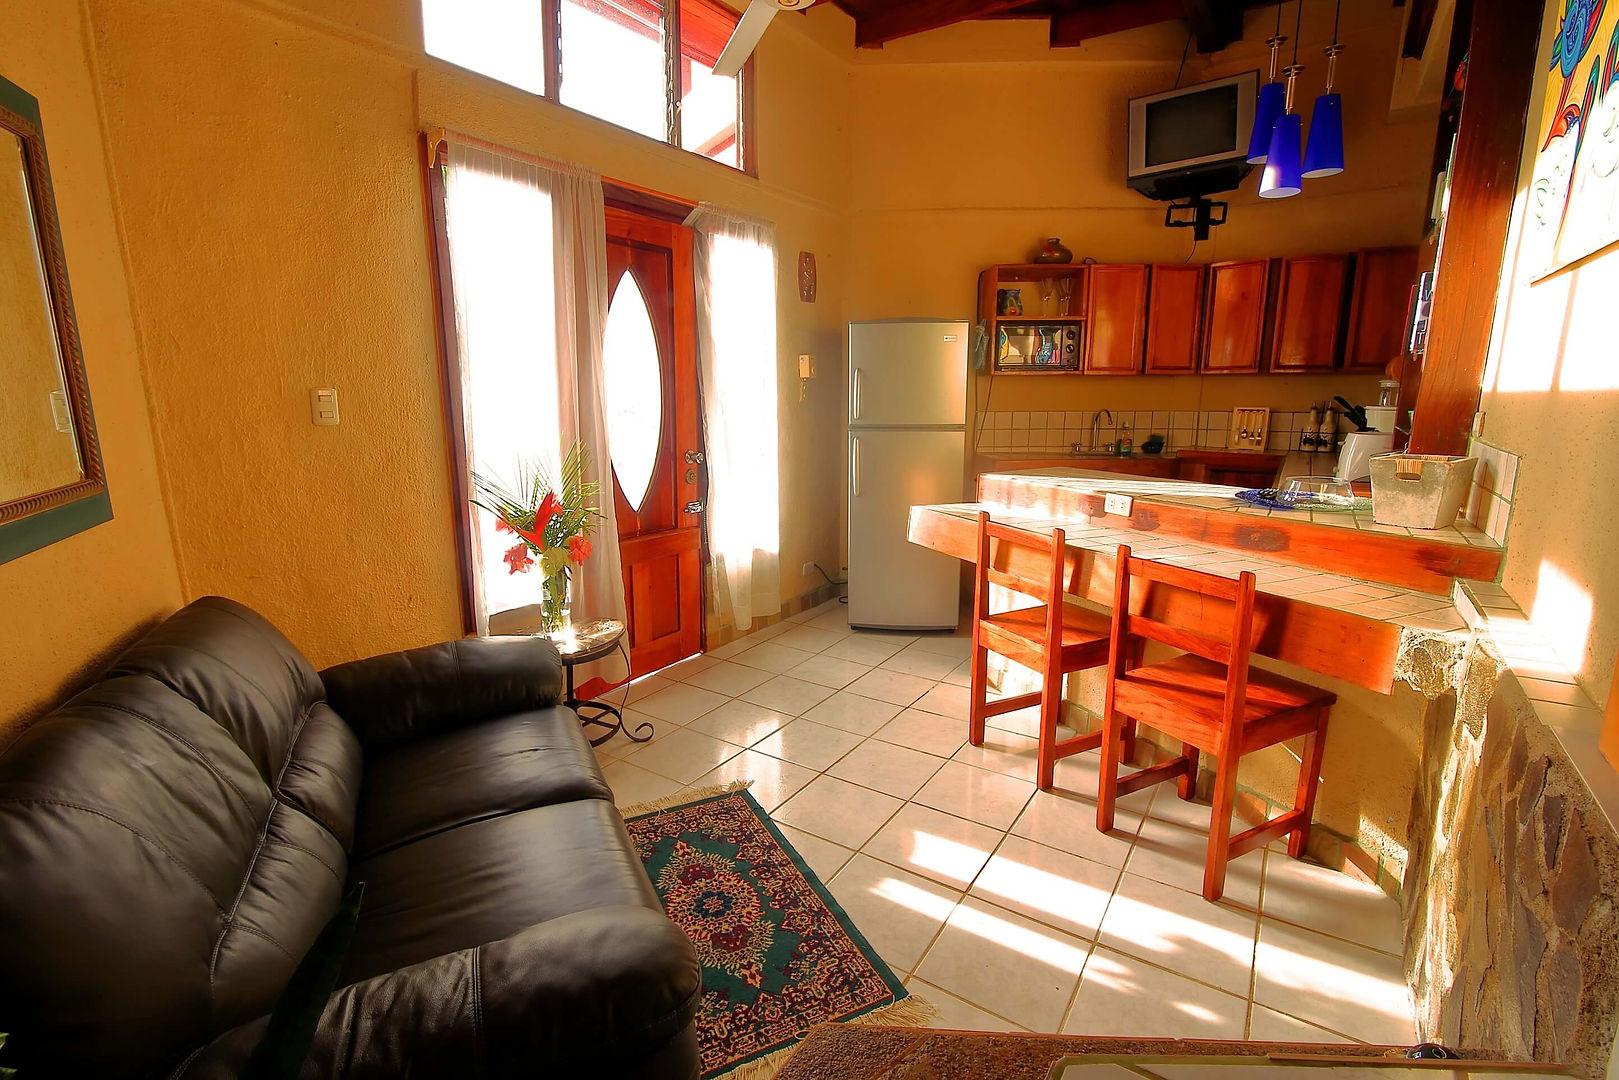 Junior One Bedroom, Condo, Las Cascadas The Falls, Condotel Las Cascadas The Falls, Manuel Antonio, Quepos, Costa Rica